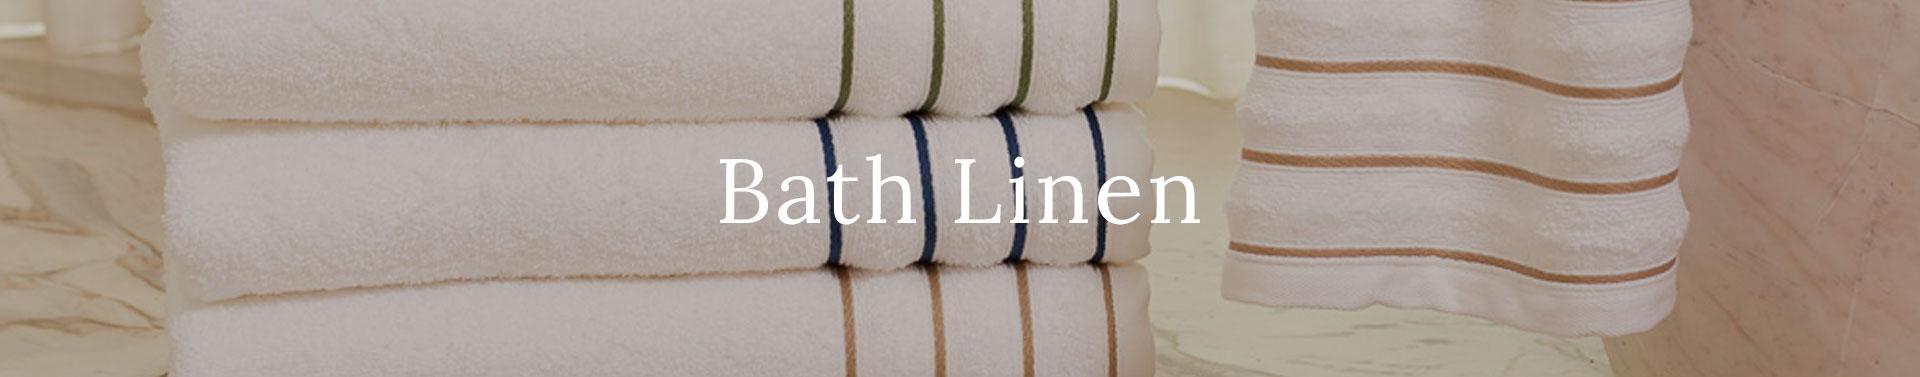 banner-bath-linen